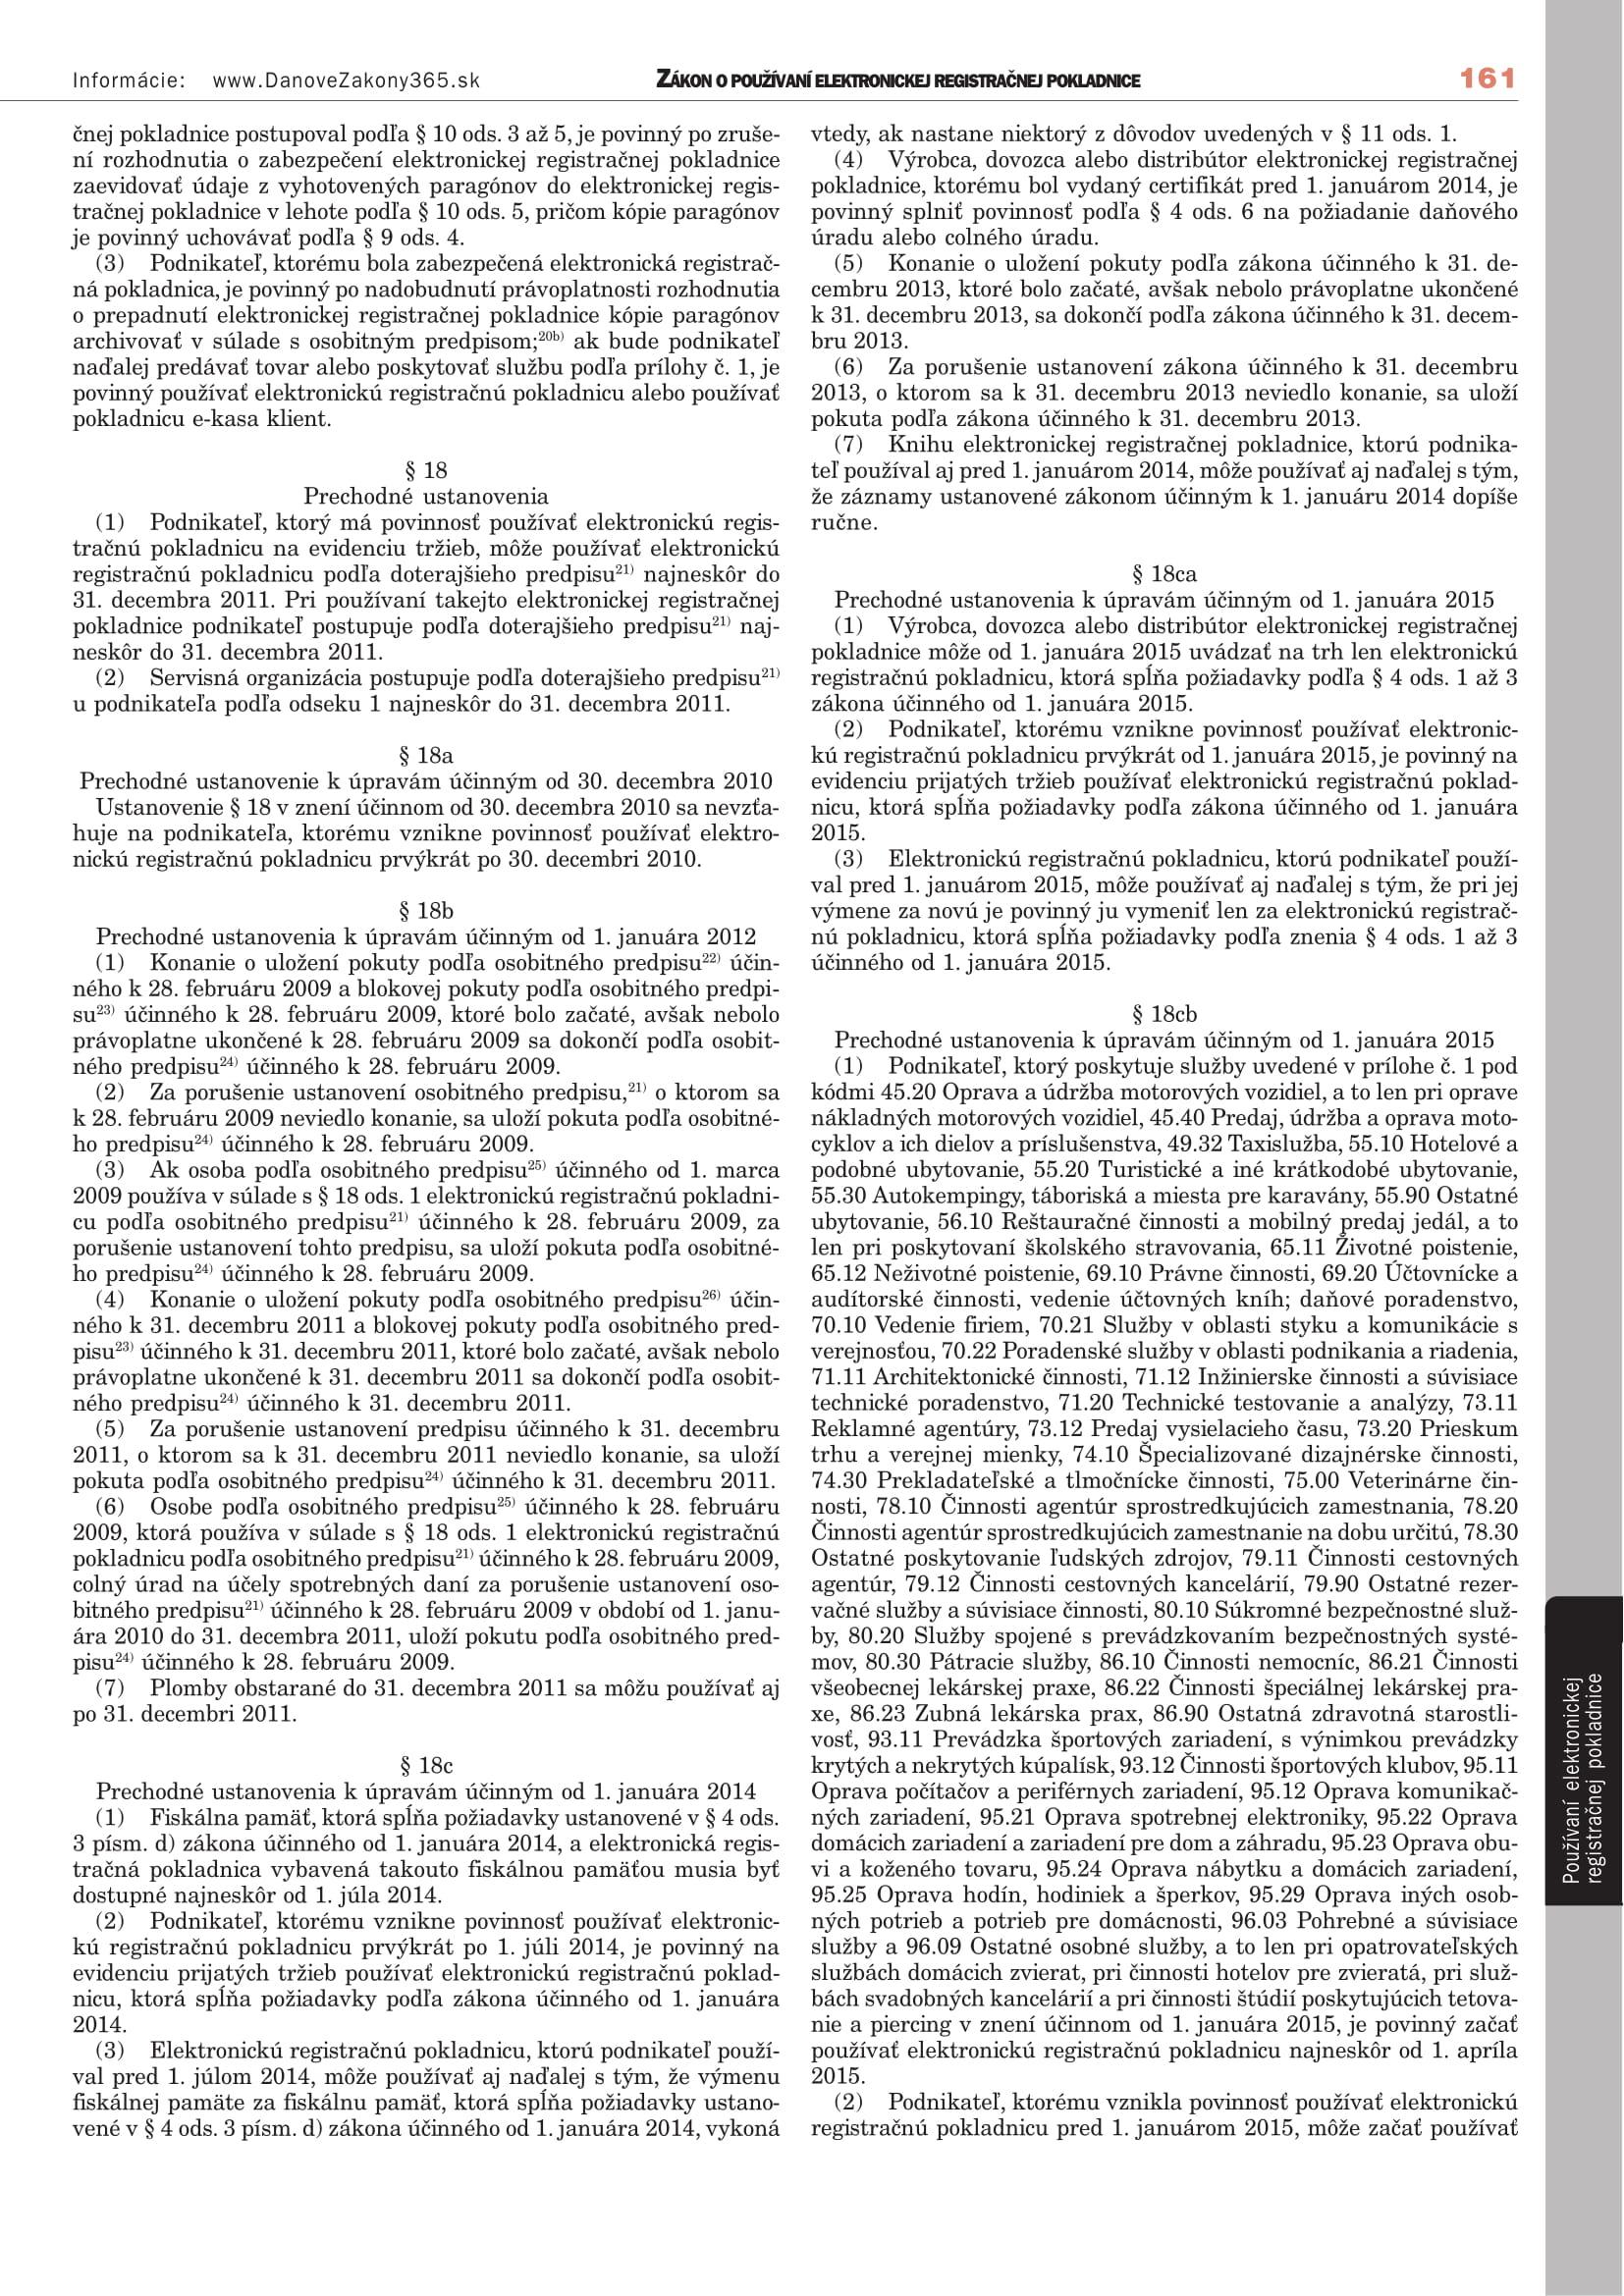 alto_zakon_o_registracnych_pokladniach_2019_po_jednej_stranane-16